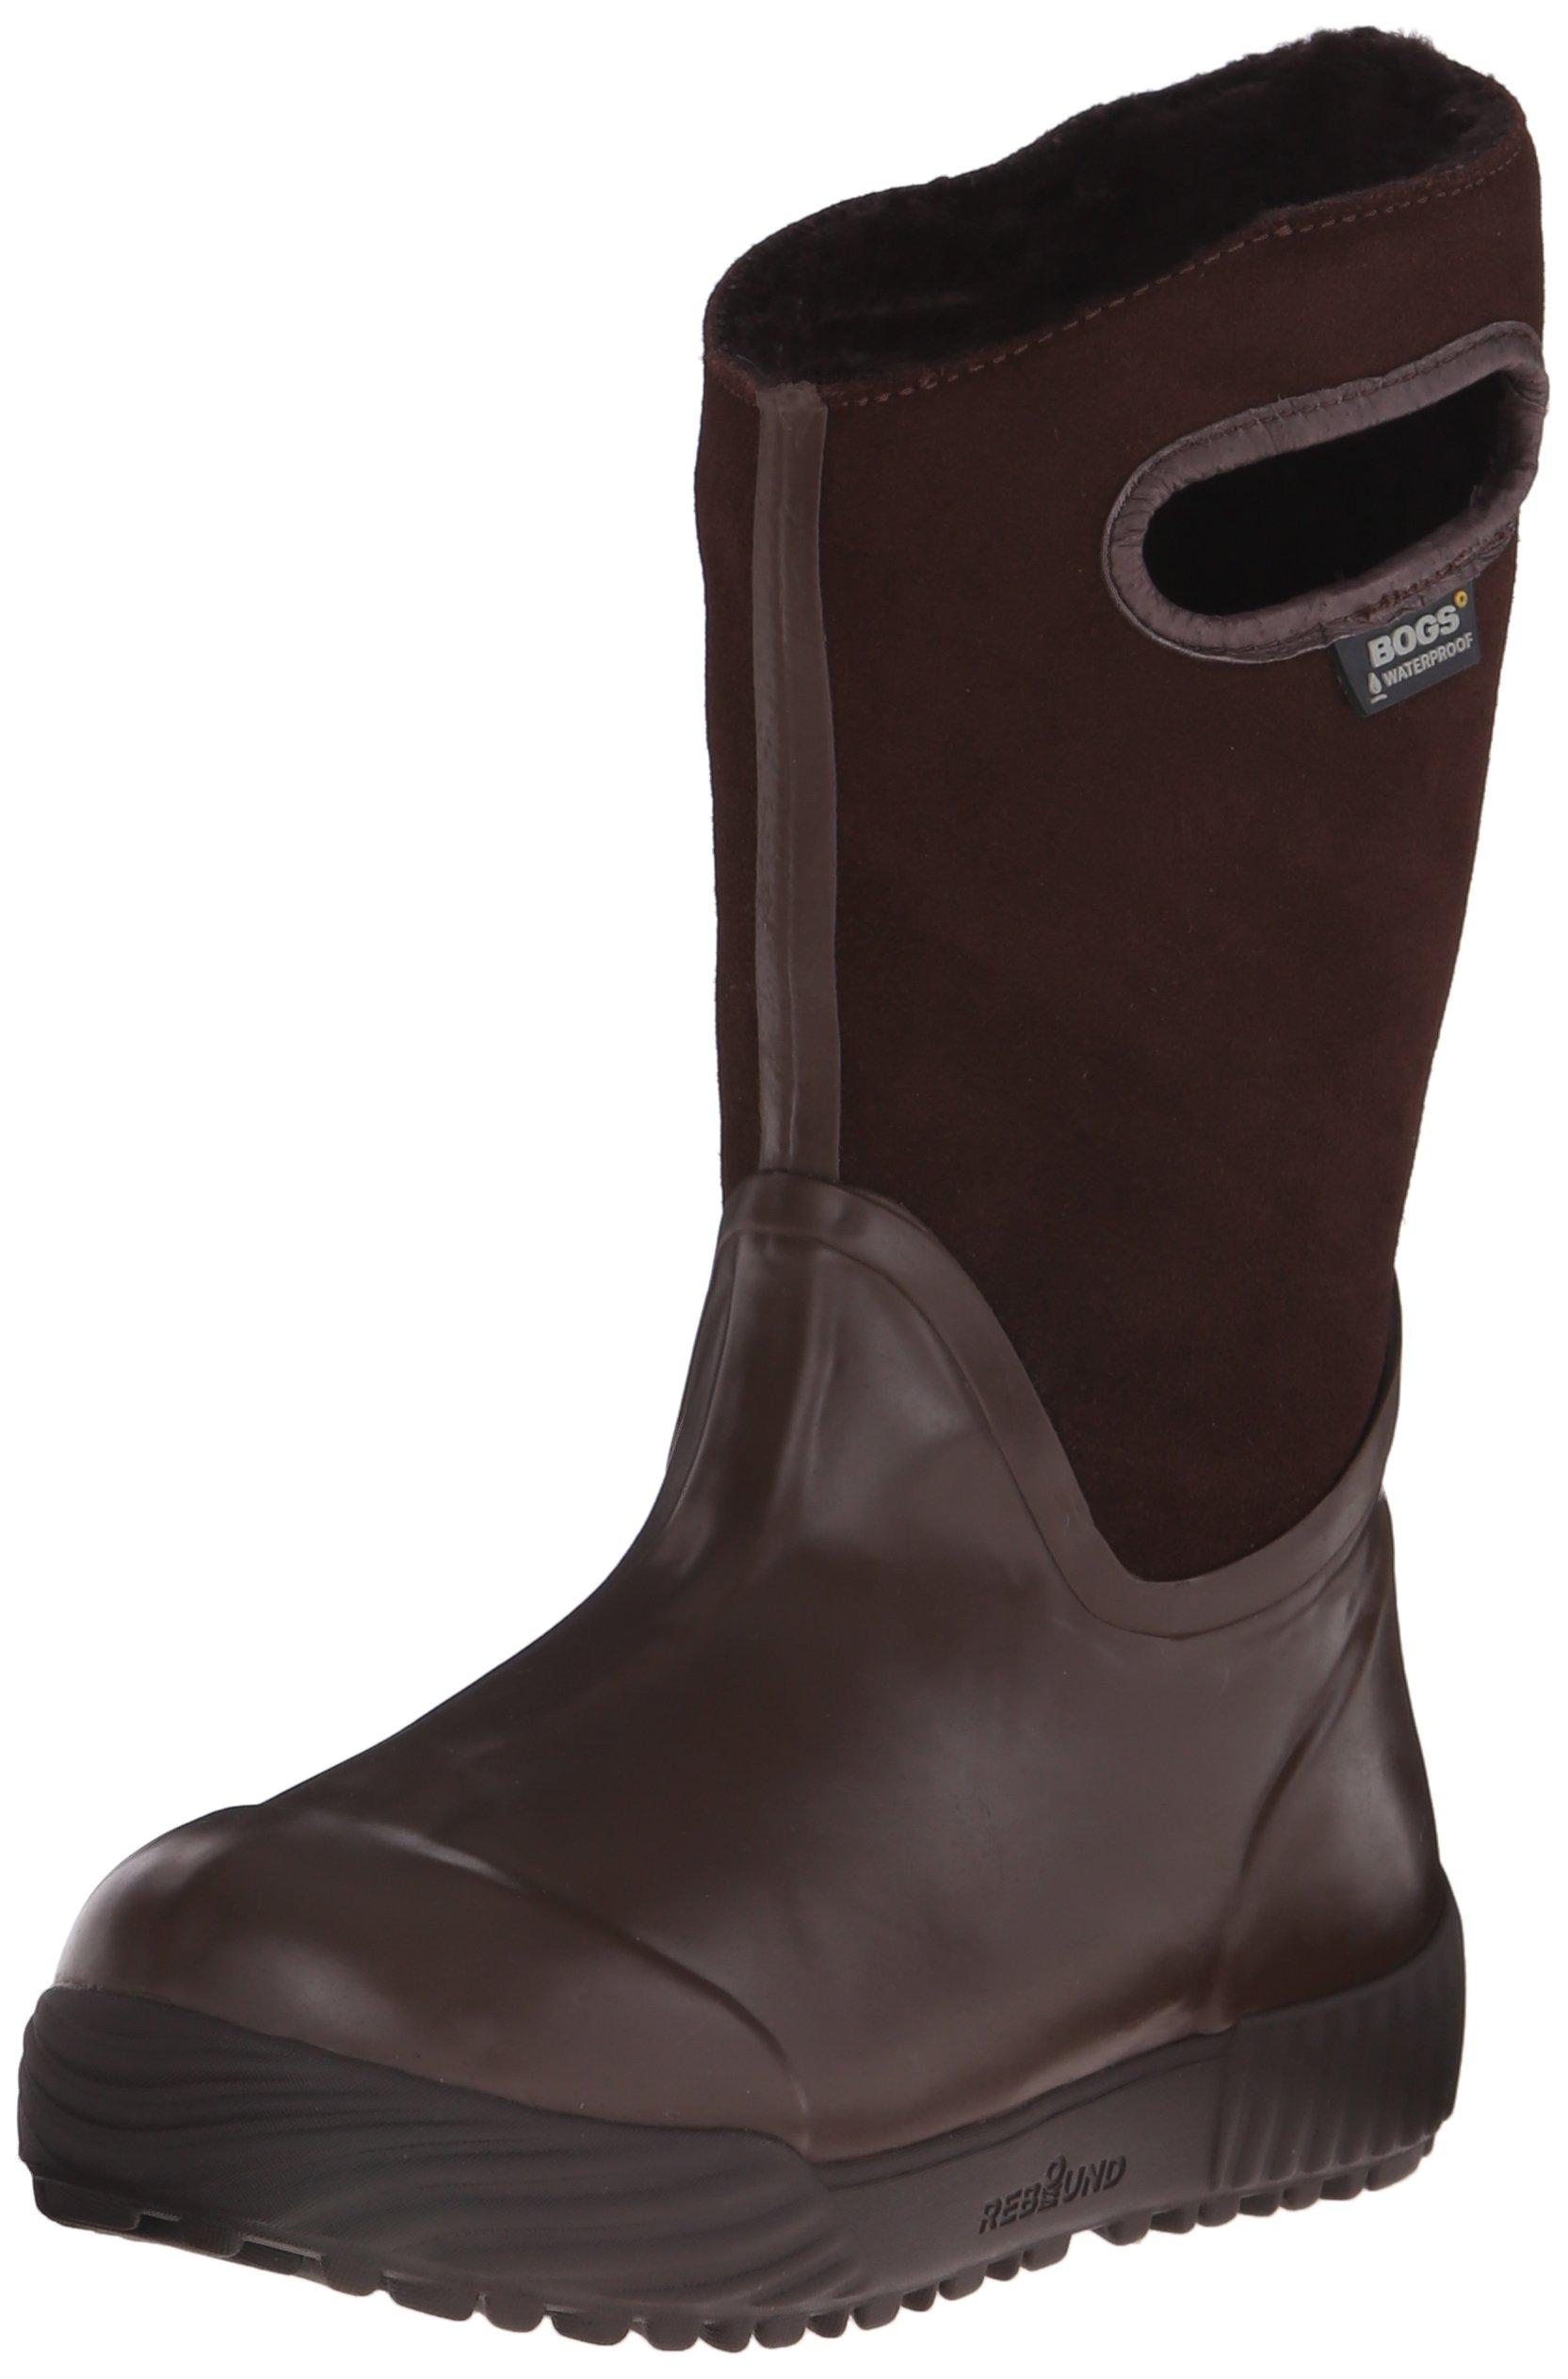 Bogs Prairie Solid Waterproof Winter and Rain Boot (Infant/Toddler/Little Kid/Big Kid), Brown, 10 M US Toddler